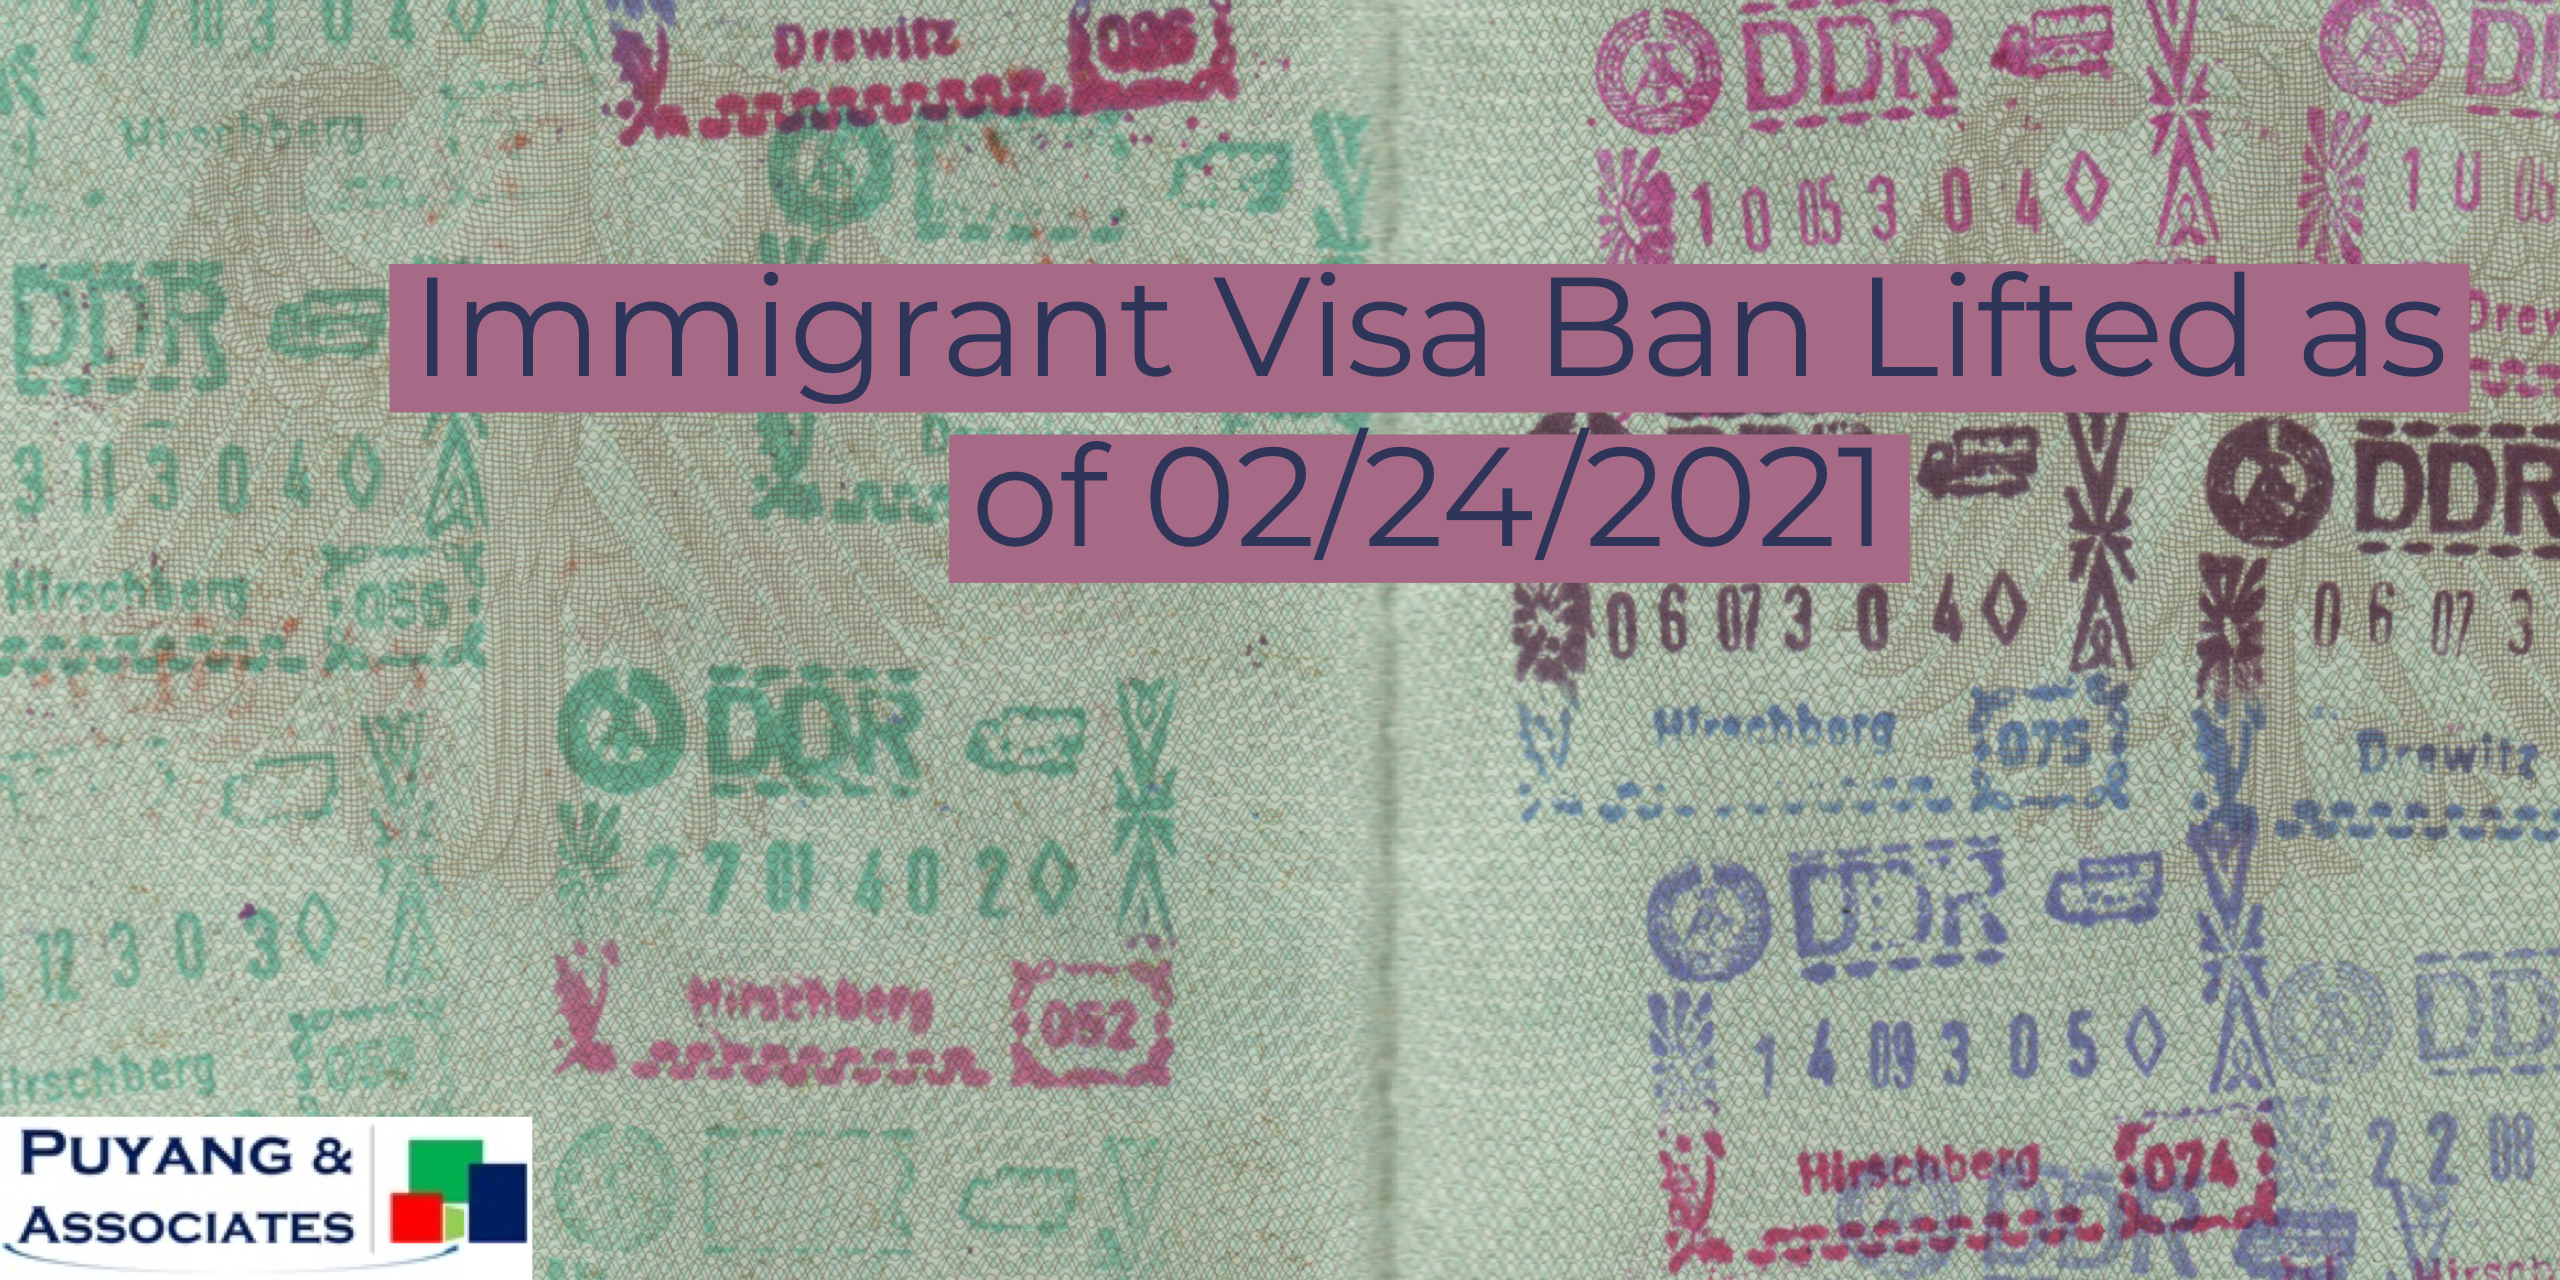 Immigrant Visa Ban Lifted